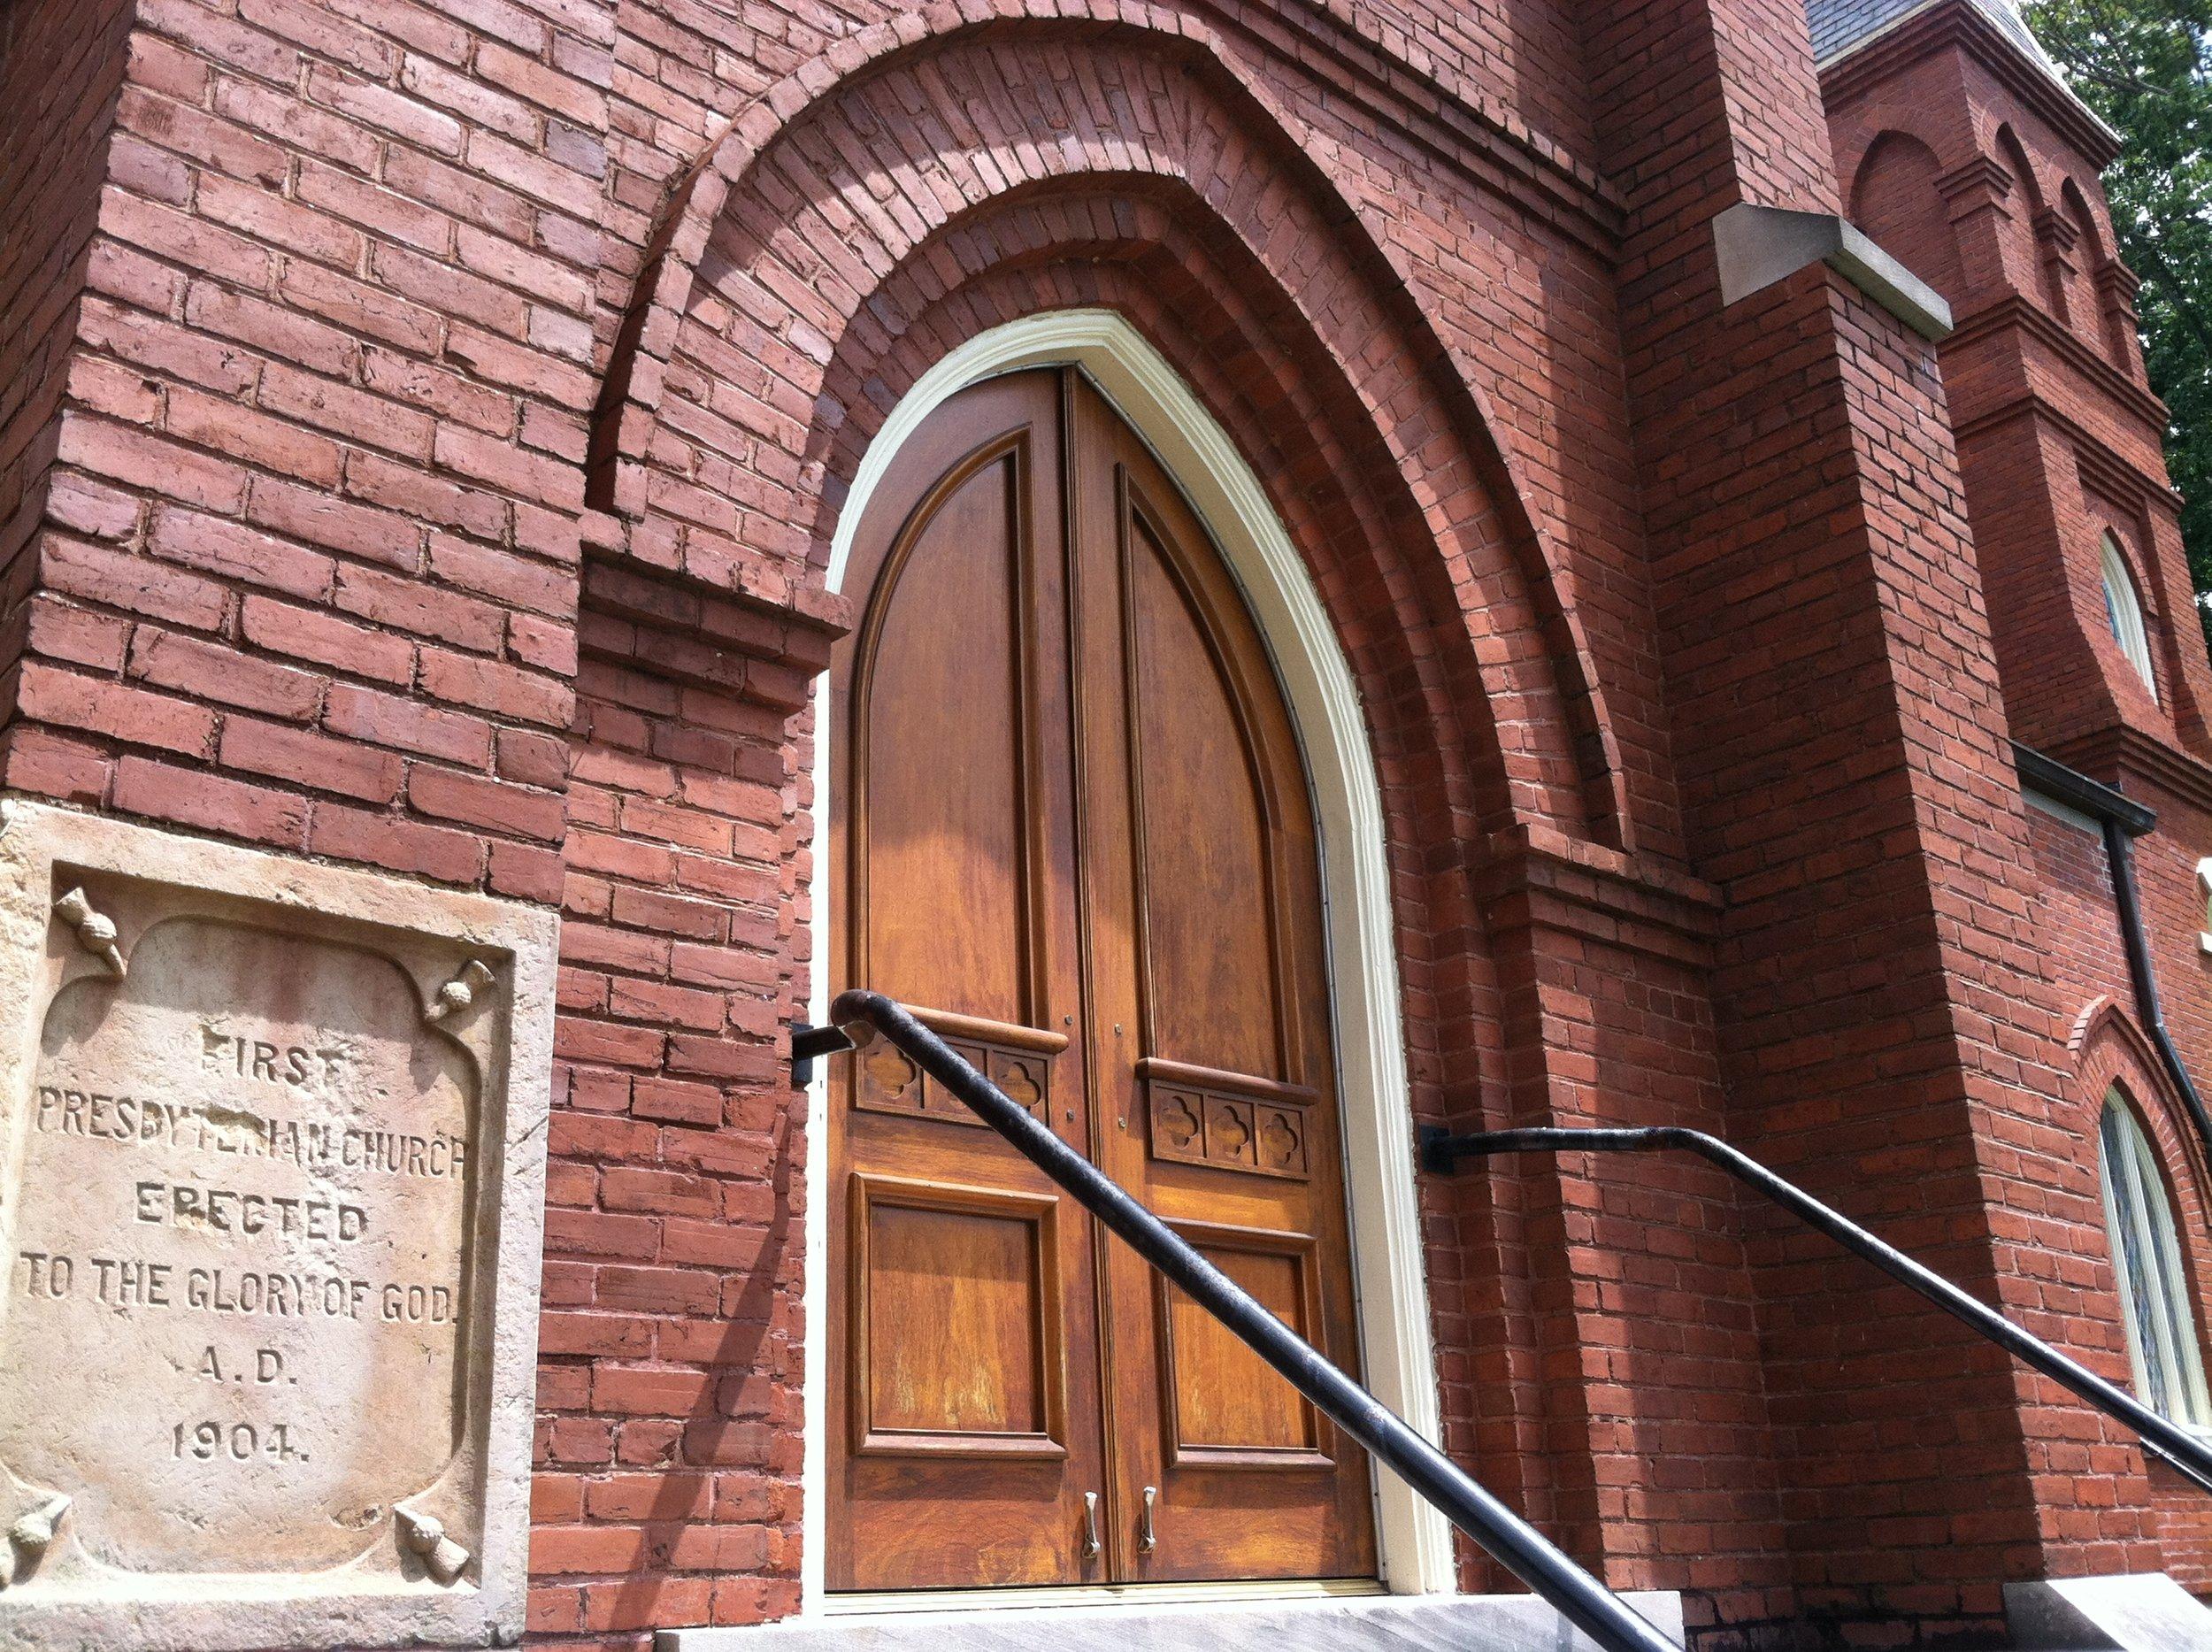 First Presbyterian Milledgeville GA